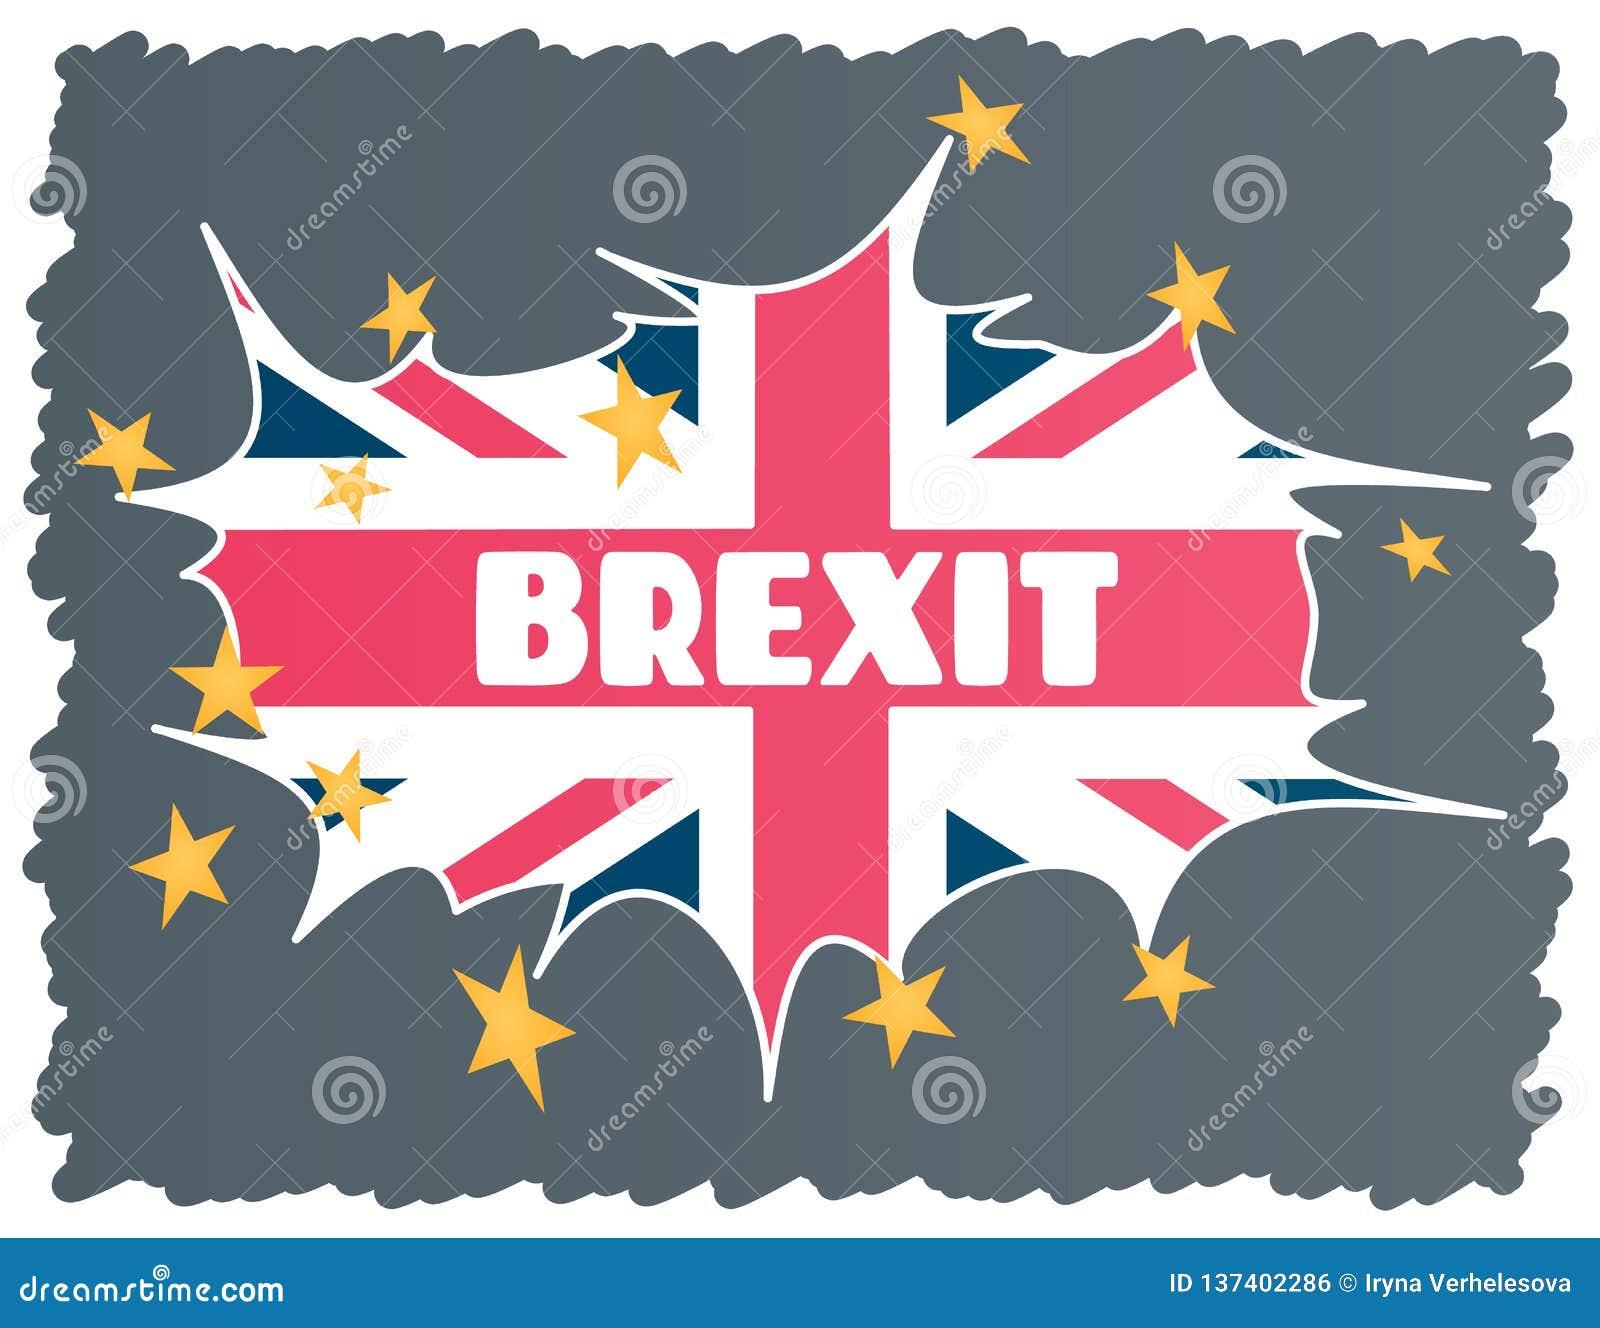 Brexit - Britse uitgang van de Europese Unie EU Het concept de instorting van de EU in het geval van het UK Vector